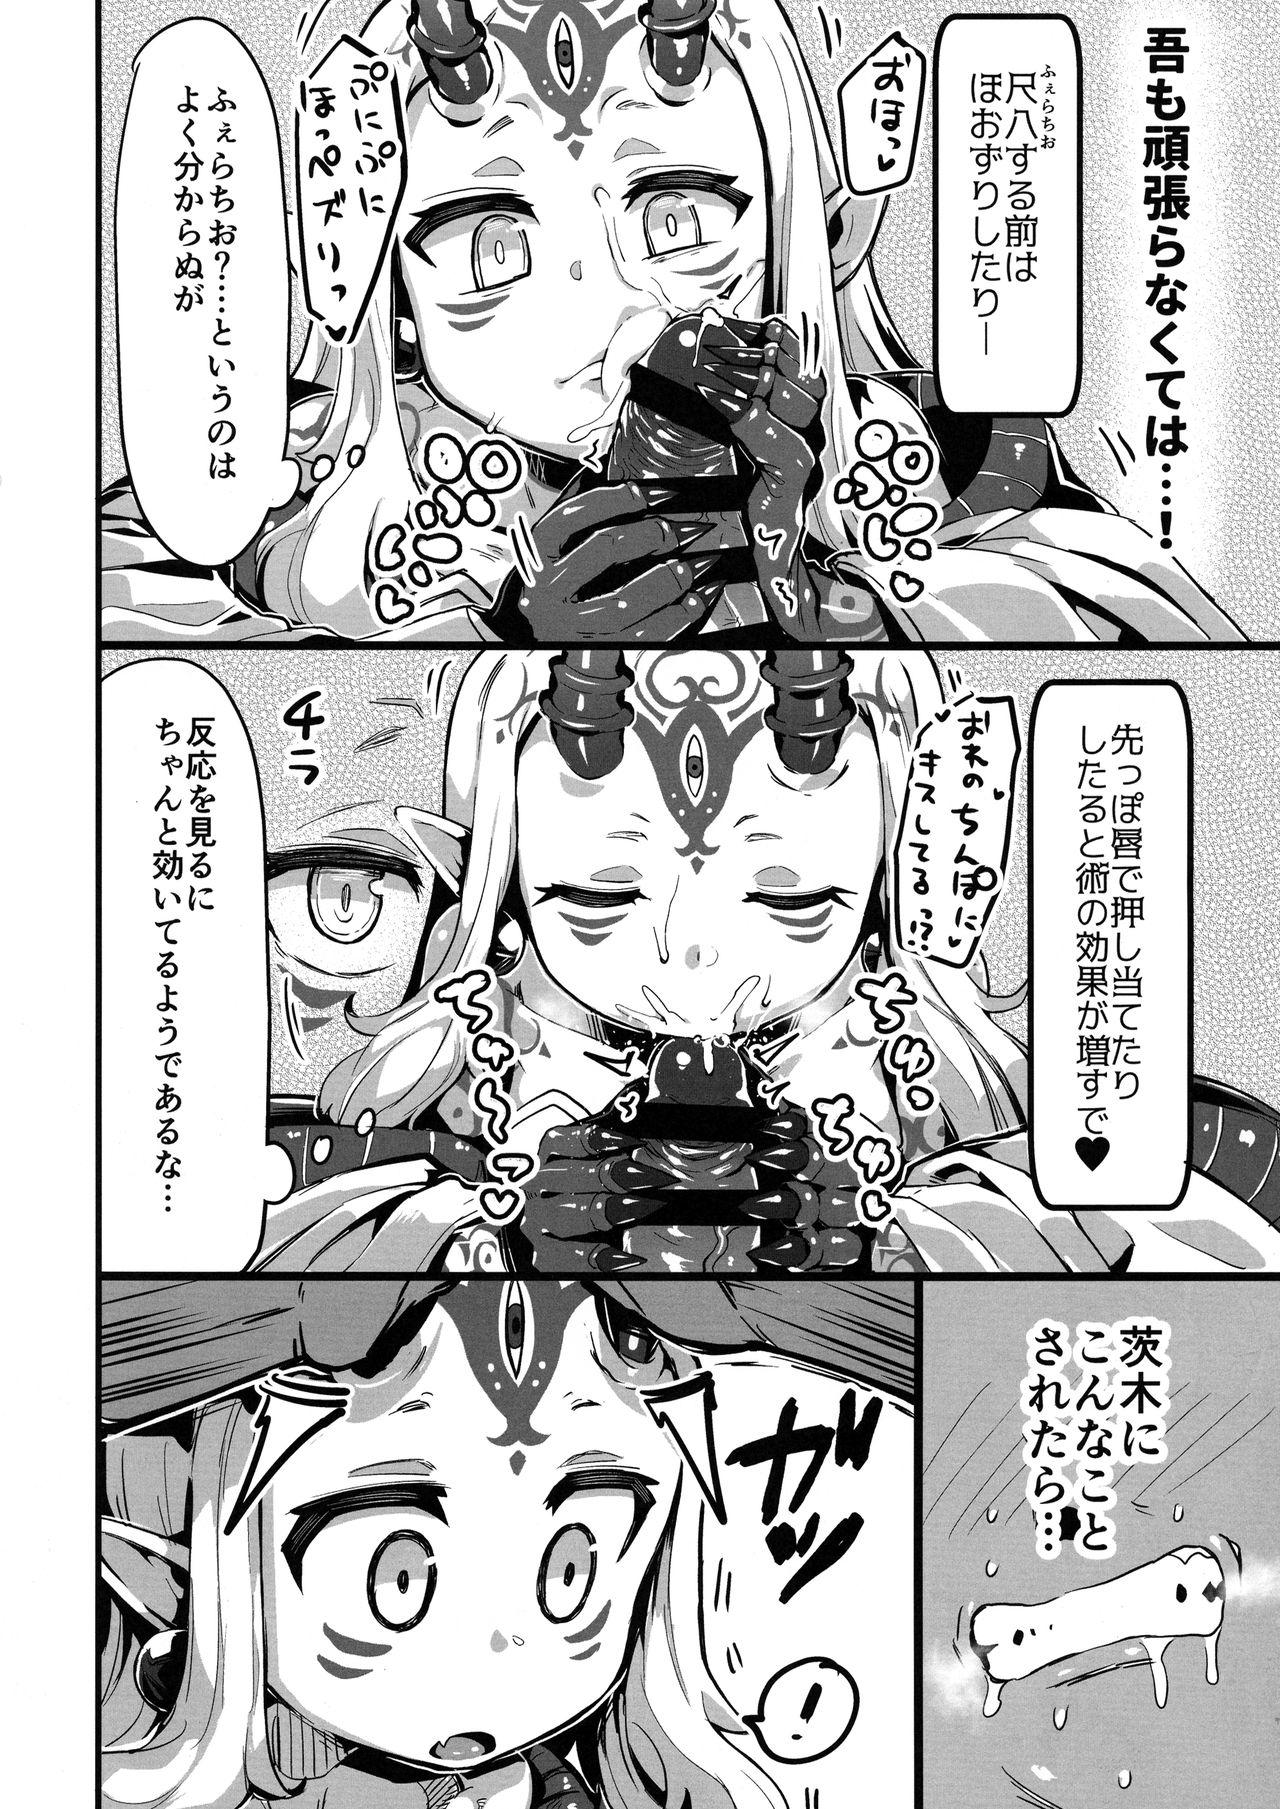 (C96) [slime_eer (Nutaunagi)] Saimin Kaketa Shuten-chan to Kettaku shite Saimin Kakatte nai Ibaraki-chan to Muchix suru Hon (Fate/Grand Order) 8